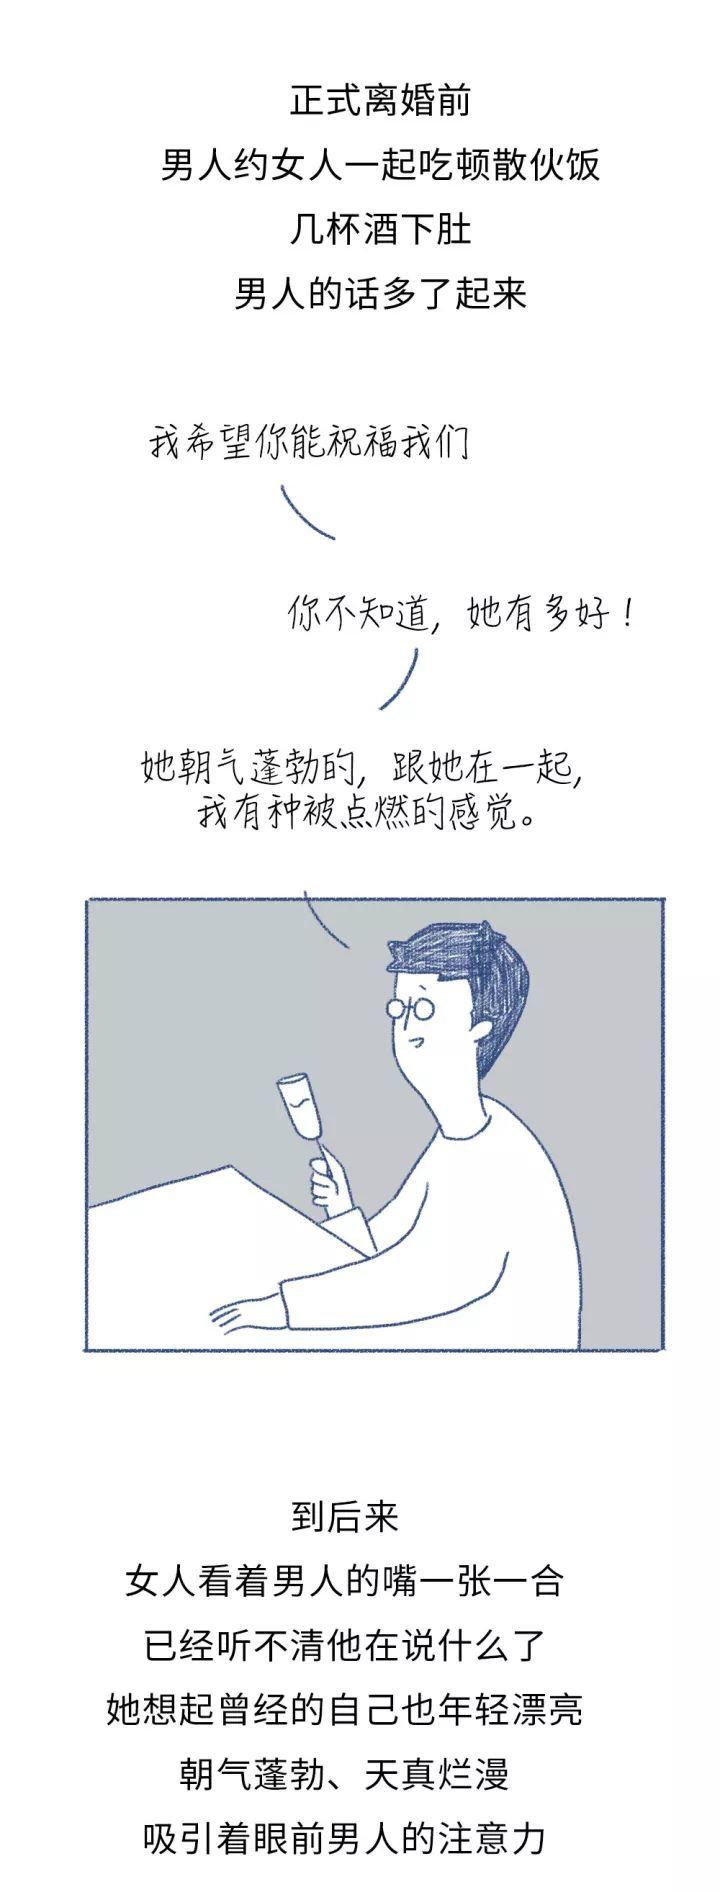 潘长江超大美式皮卡,尽显彪悍,小短腿能驾驭的了?